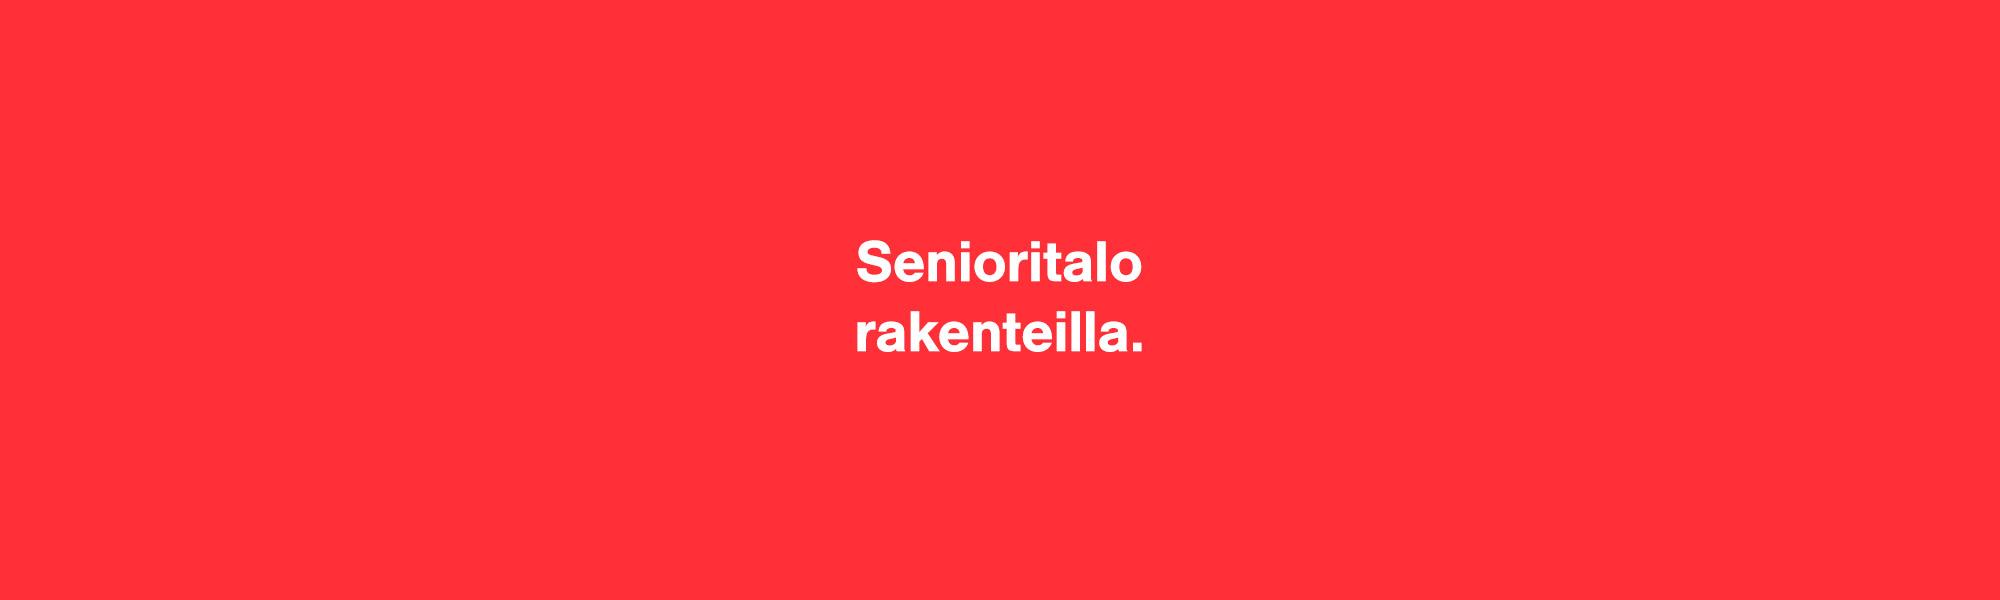 Ranta-Kartanon senioritalo on rakenteilla.